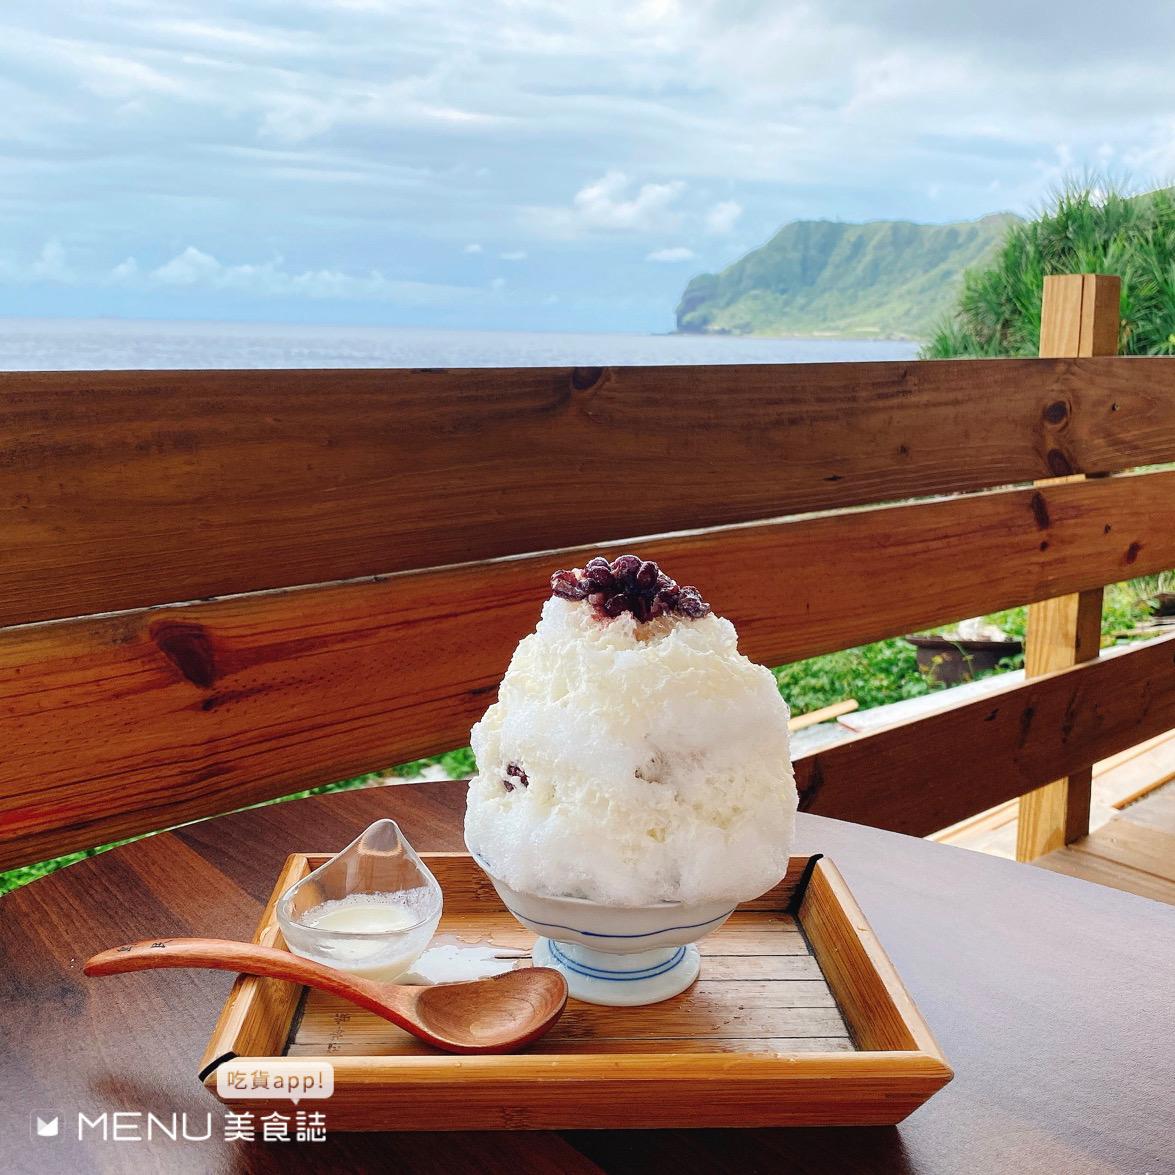 暑假去蘭嶼吃什麼?精選 8 間蘭嶼美食,炸飛魚、蘭嶼限定飯糰,還有跟台灣不一樣的芋頭冰?!